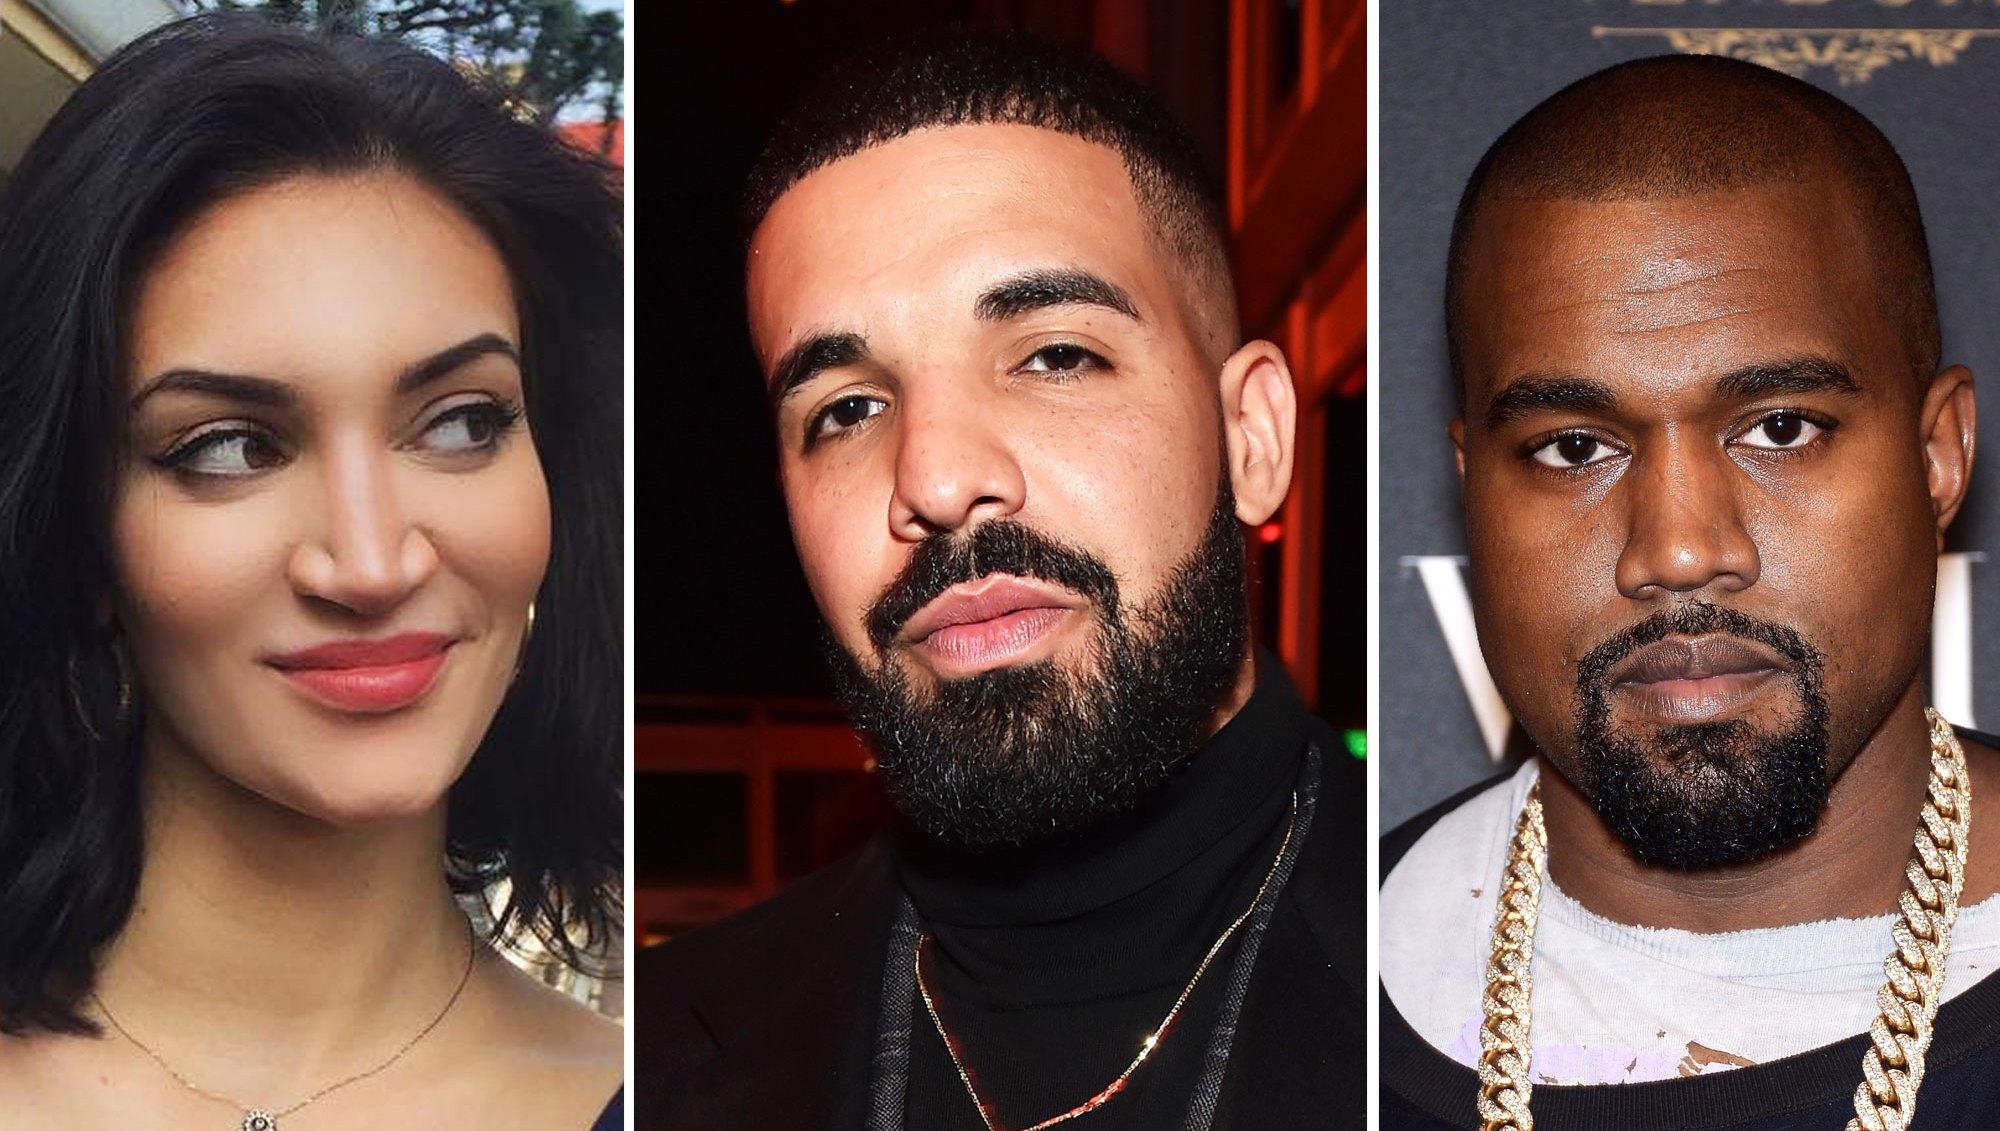 Sophie Brussaux, Drake and Kanye West